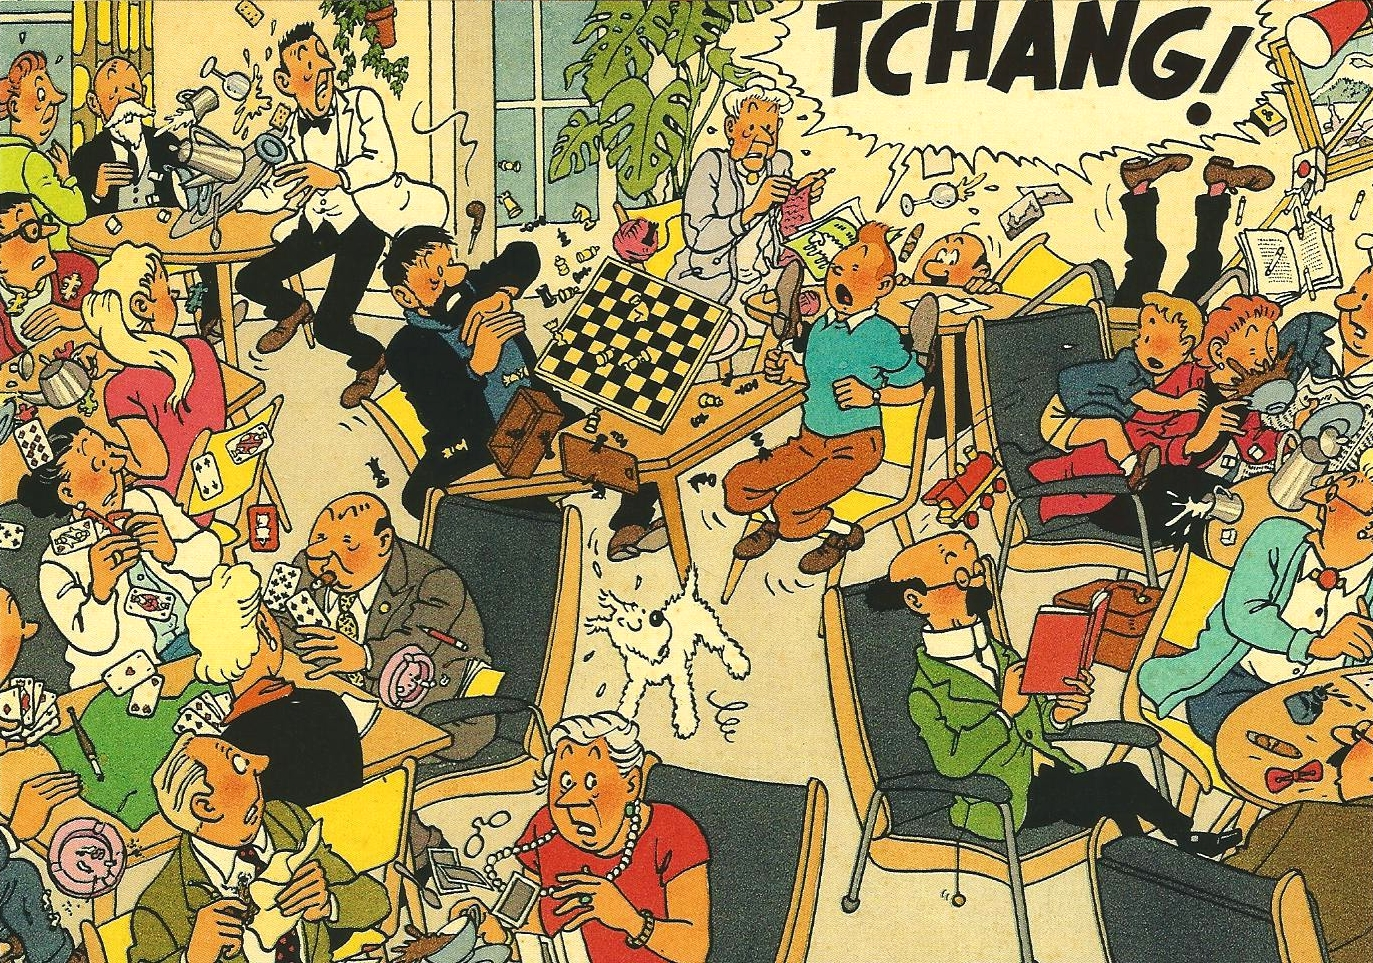 """TINTIN: COLORIAGE TIBET """"TCHANG"""" - carte postale 12.4 x 17.5 cm ..."""